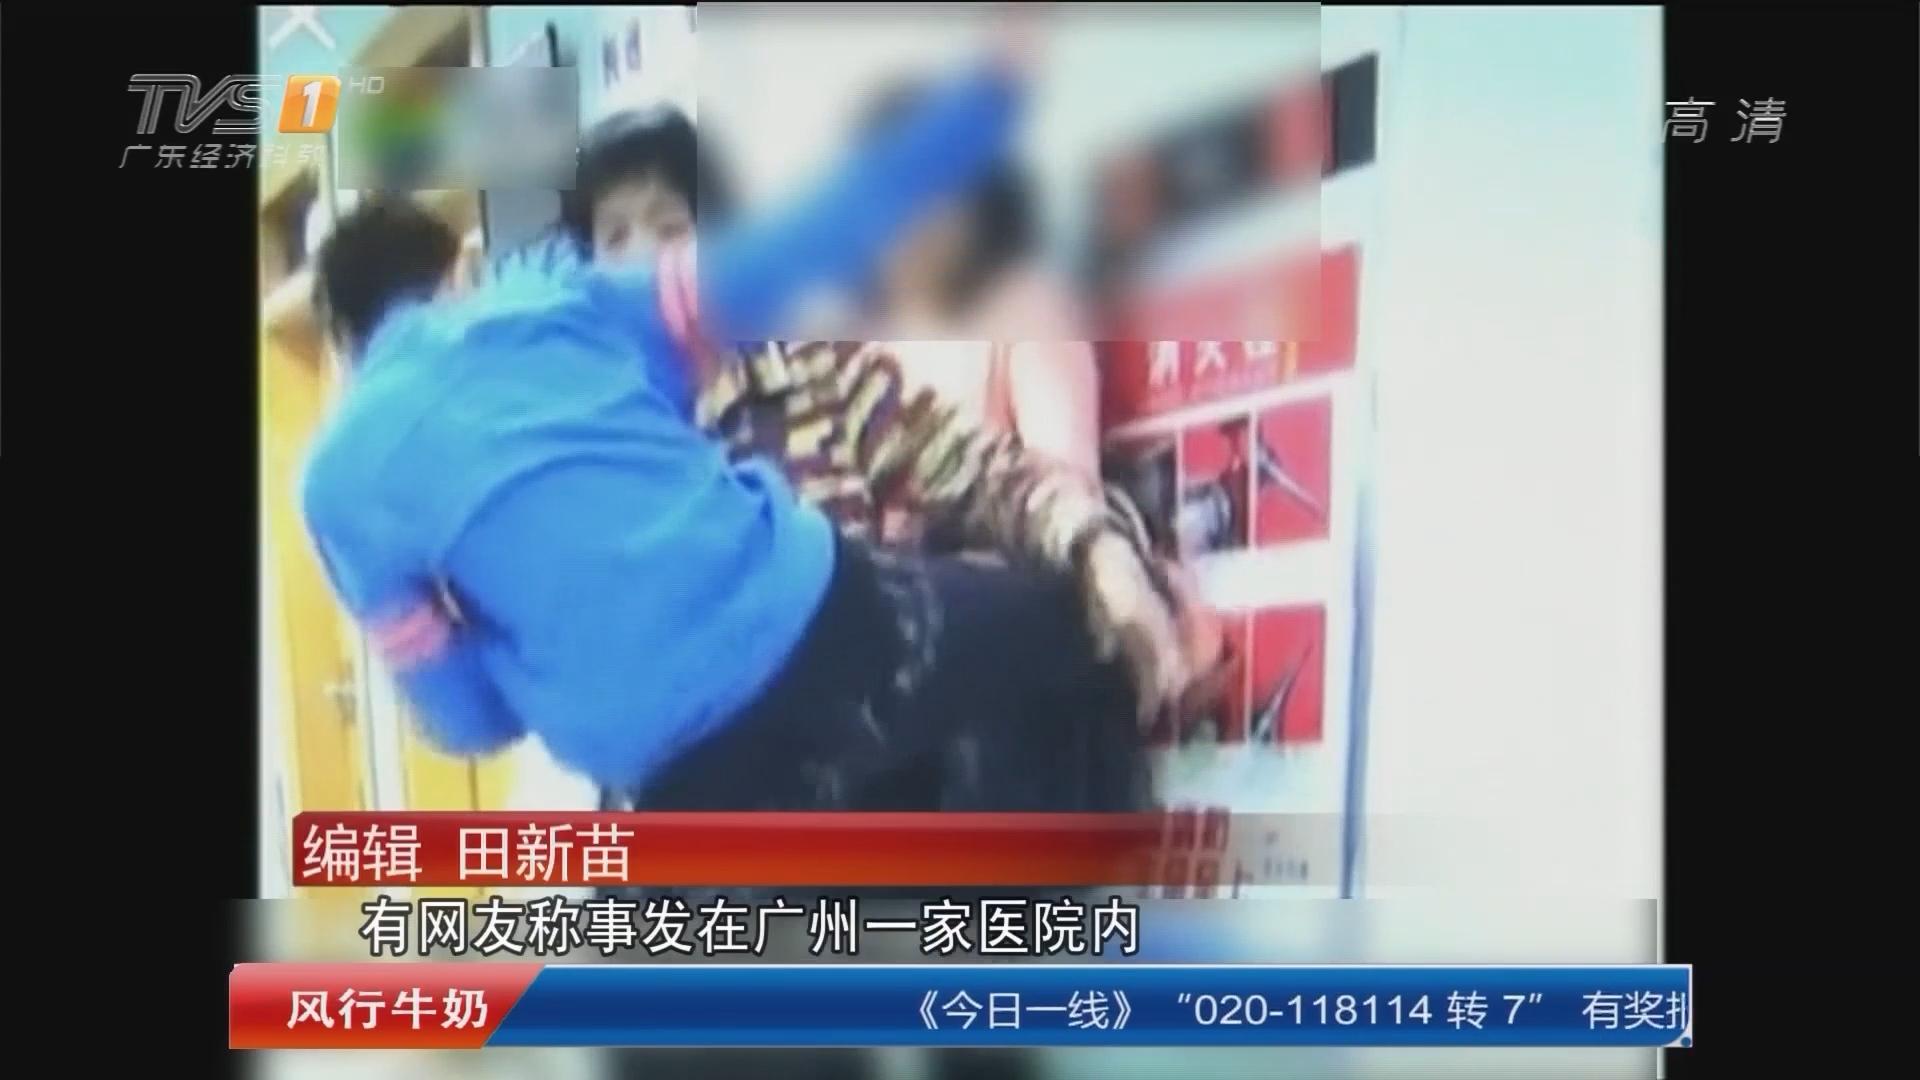 广州:男孩5次飞踹亲妈 只因不让玩手机?